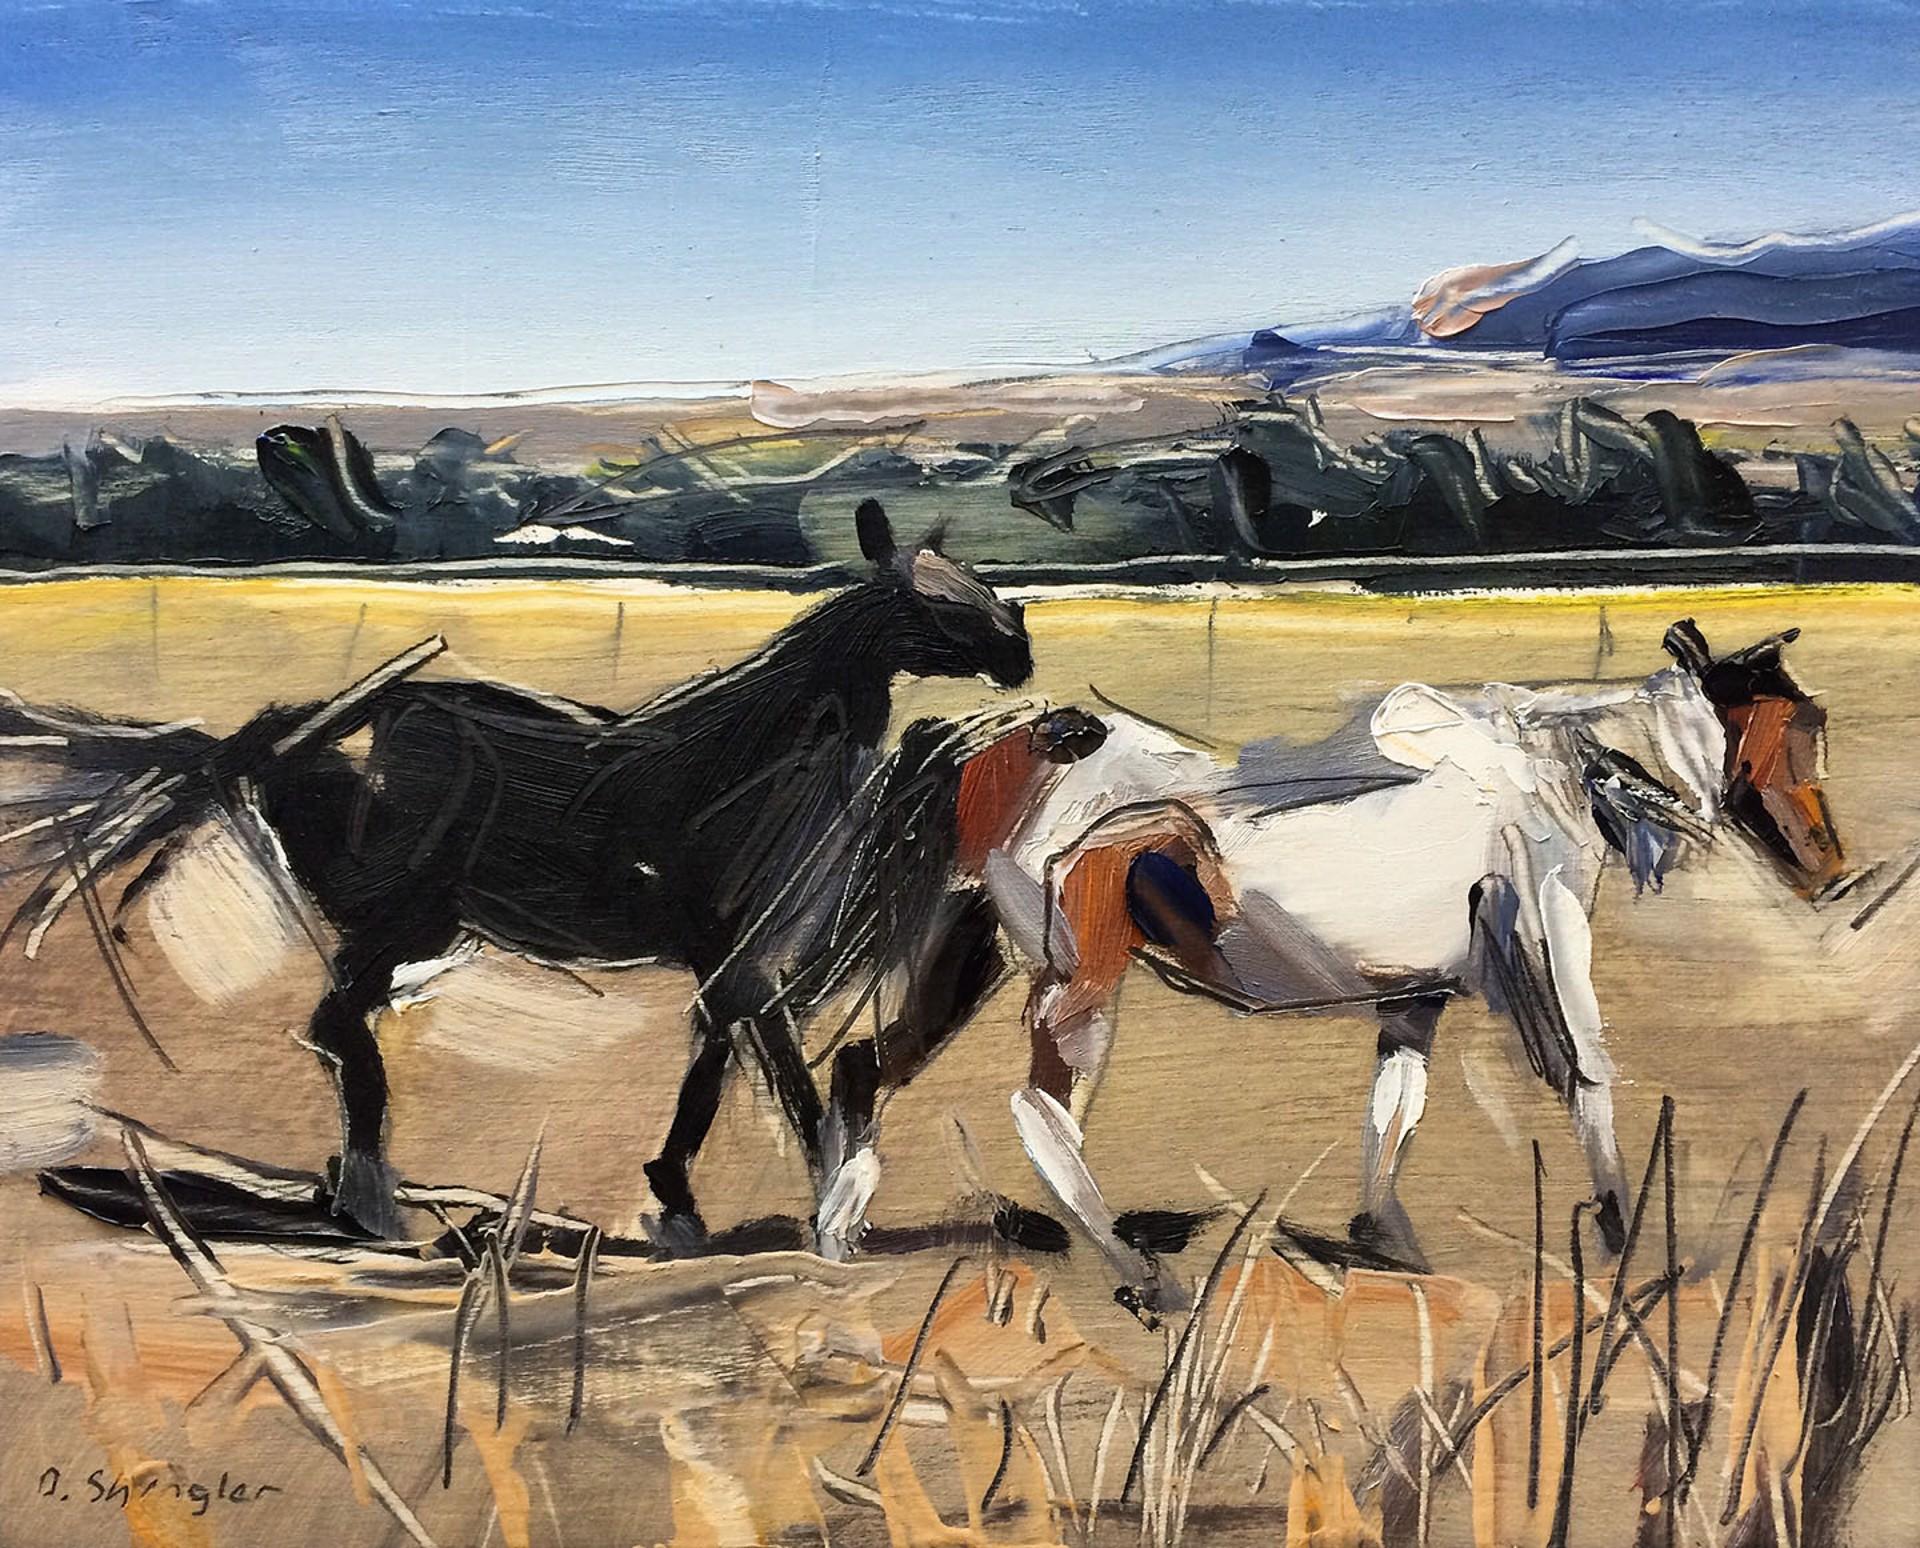 Pair of Horses, Montana by David Shingler